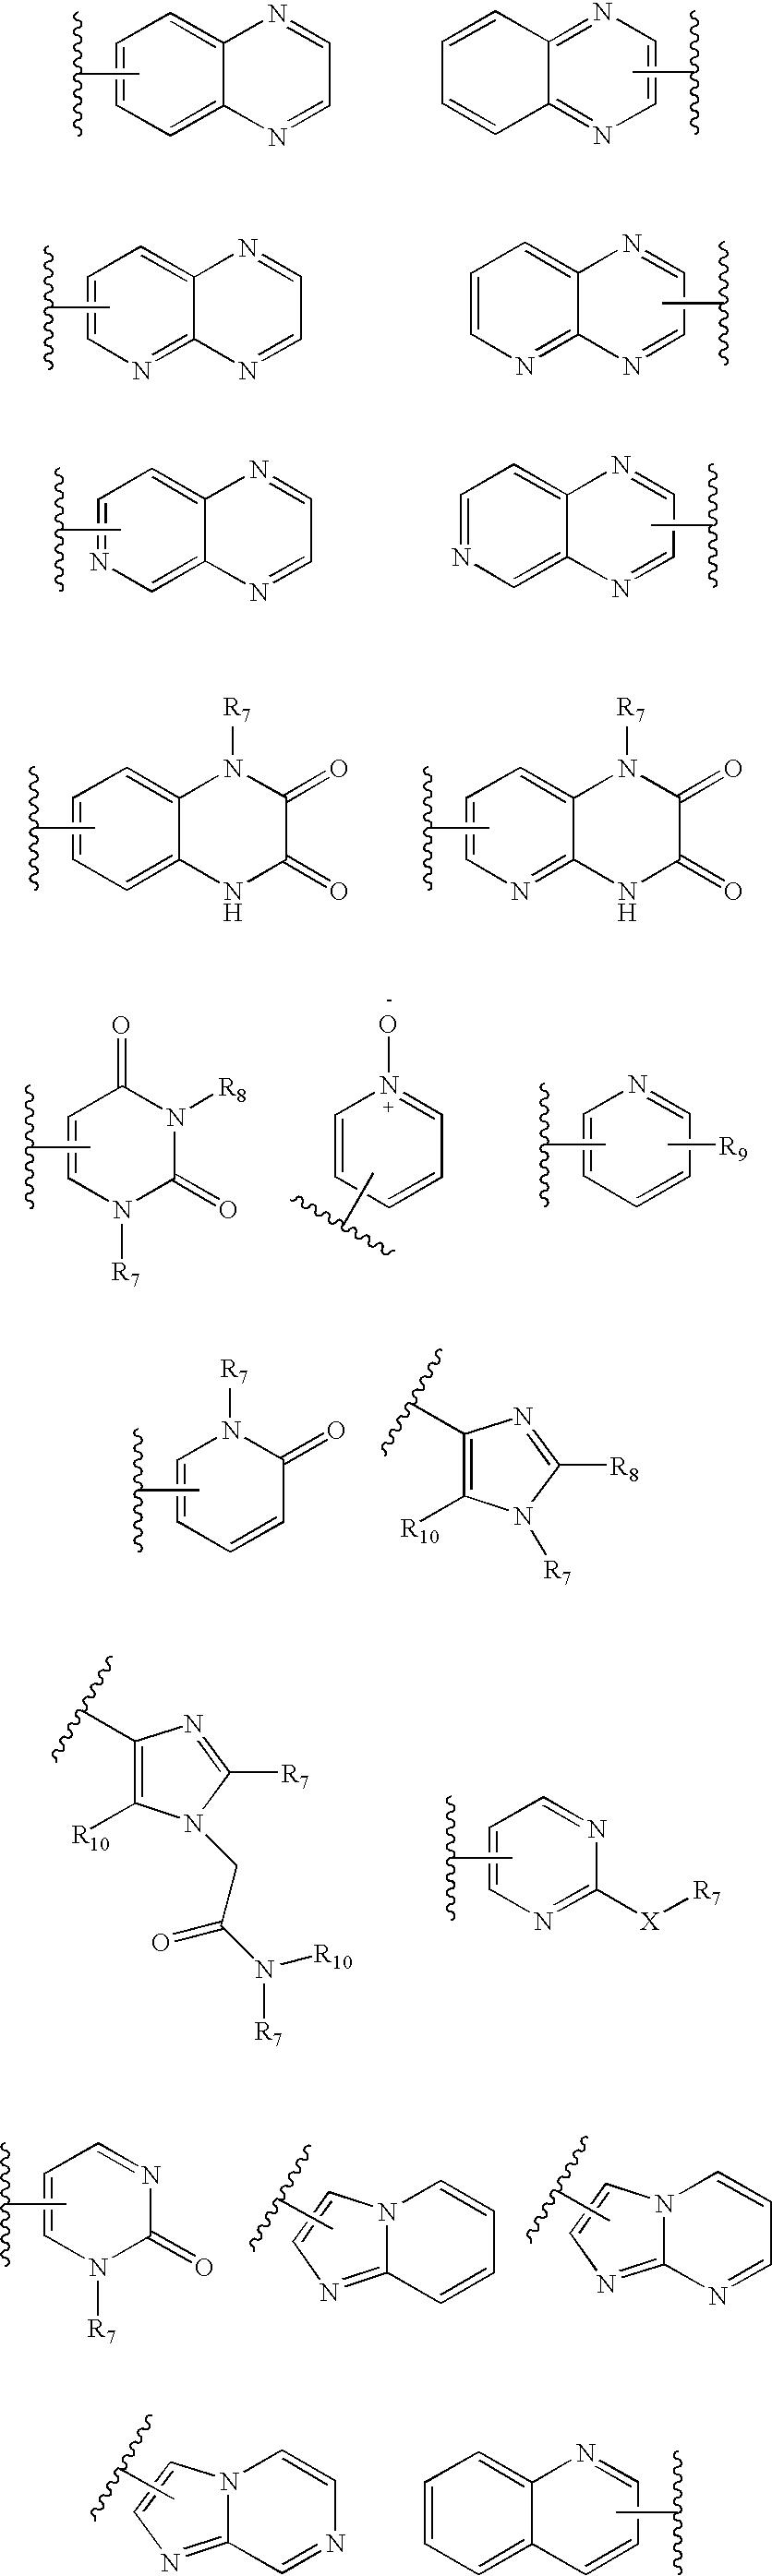 Figure US20060189617A1-20060824-C00051